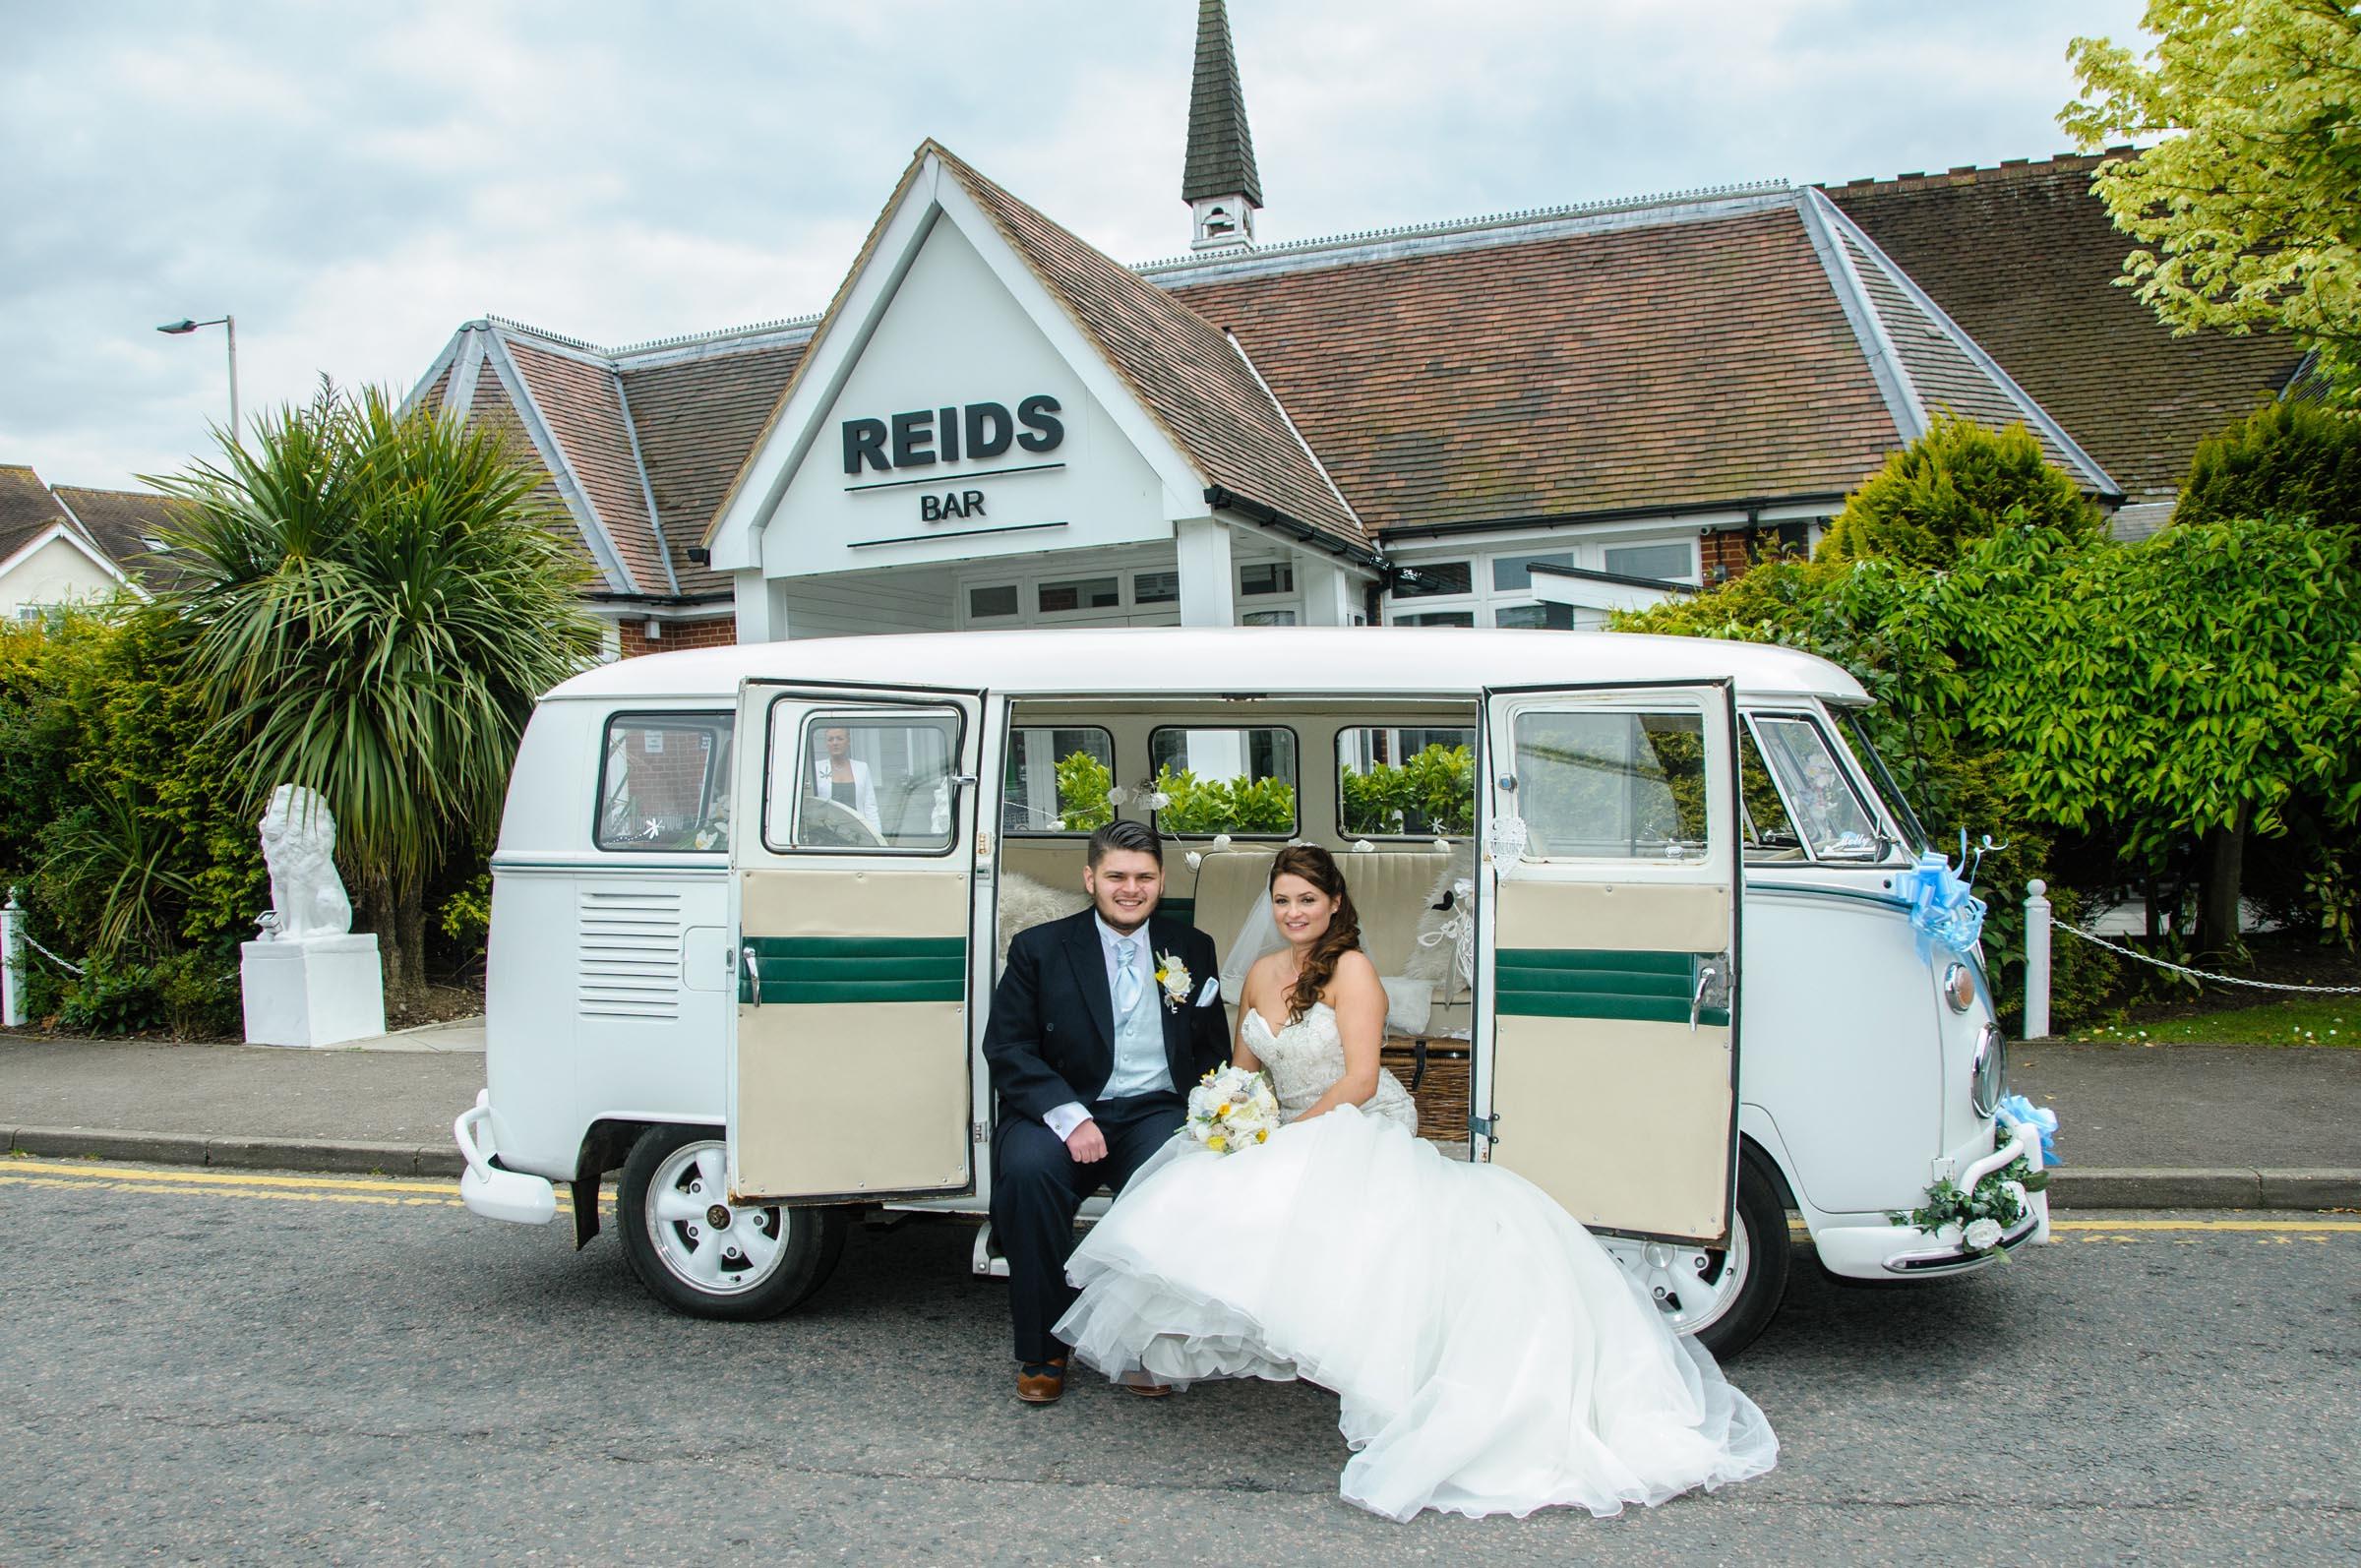 Weddings at REIDs